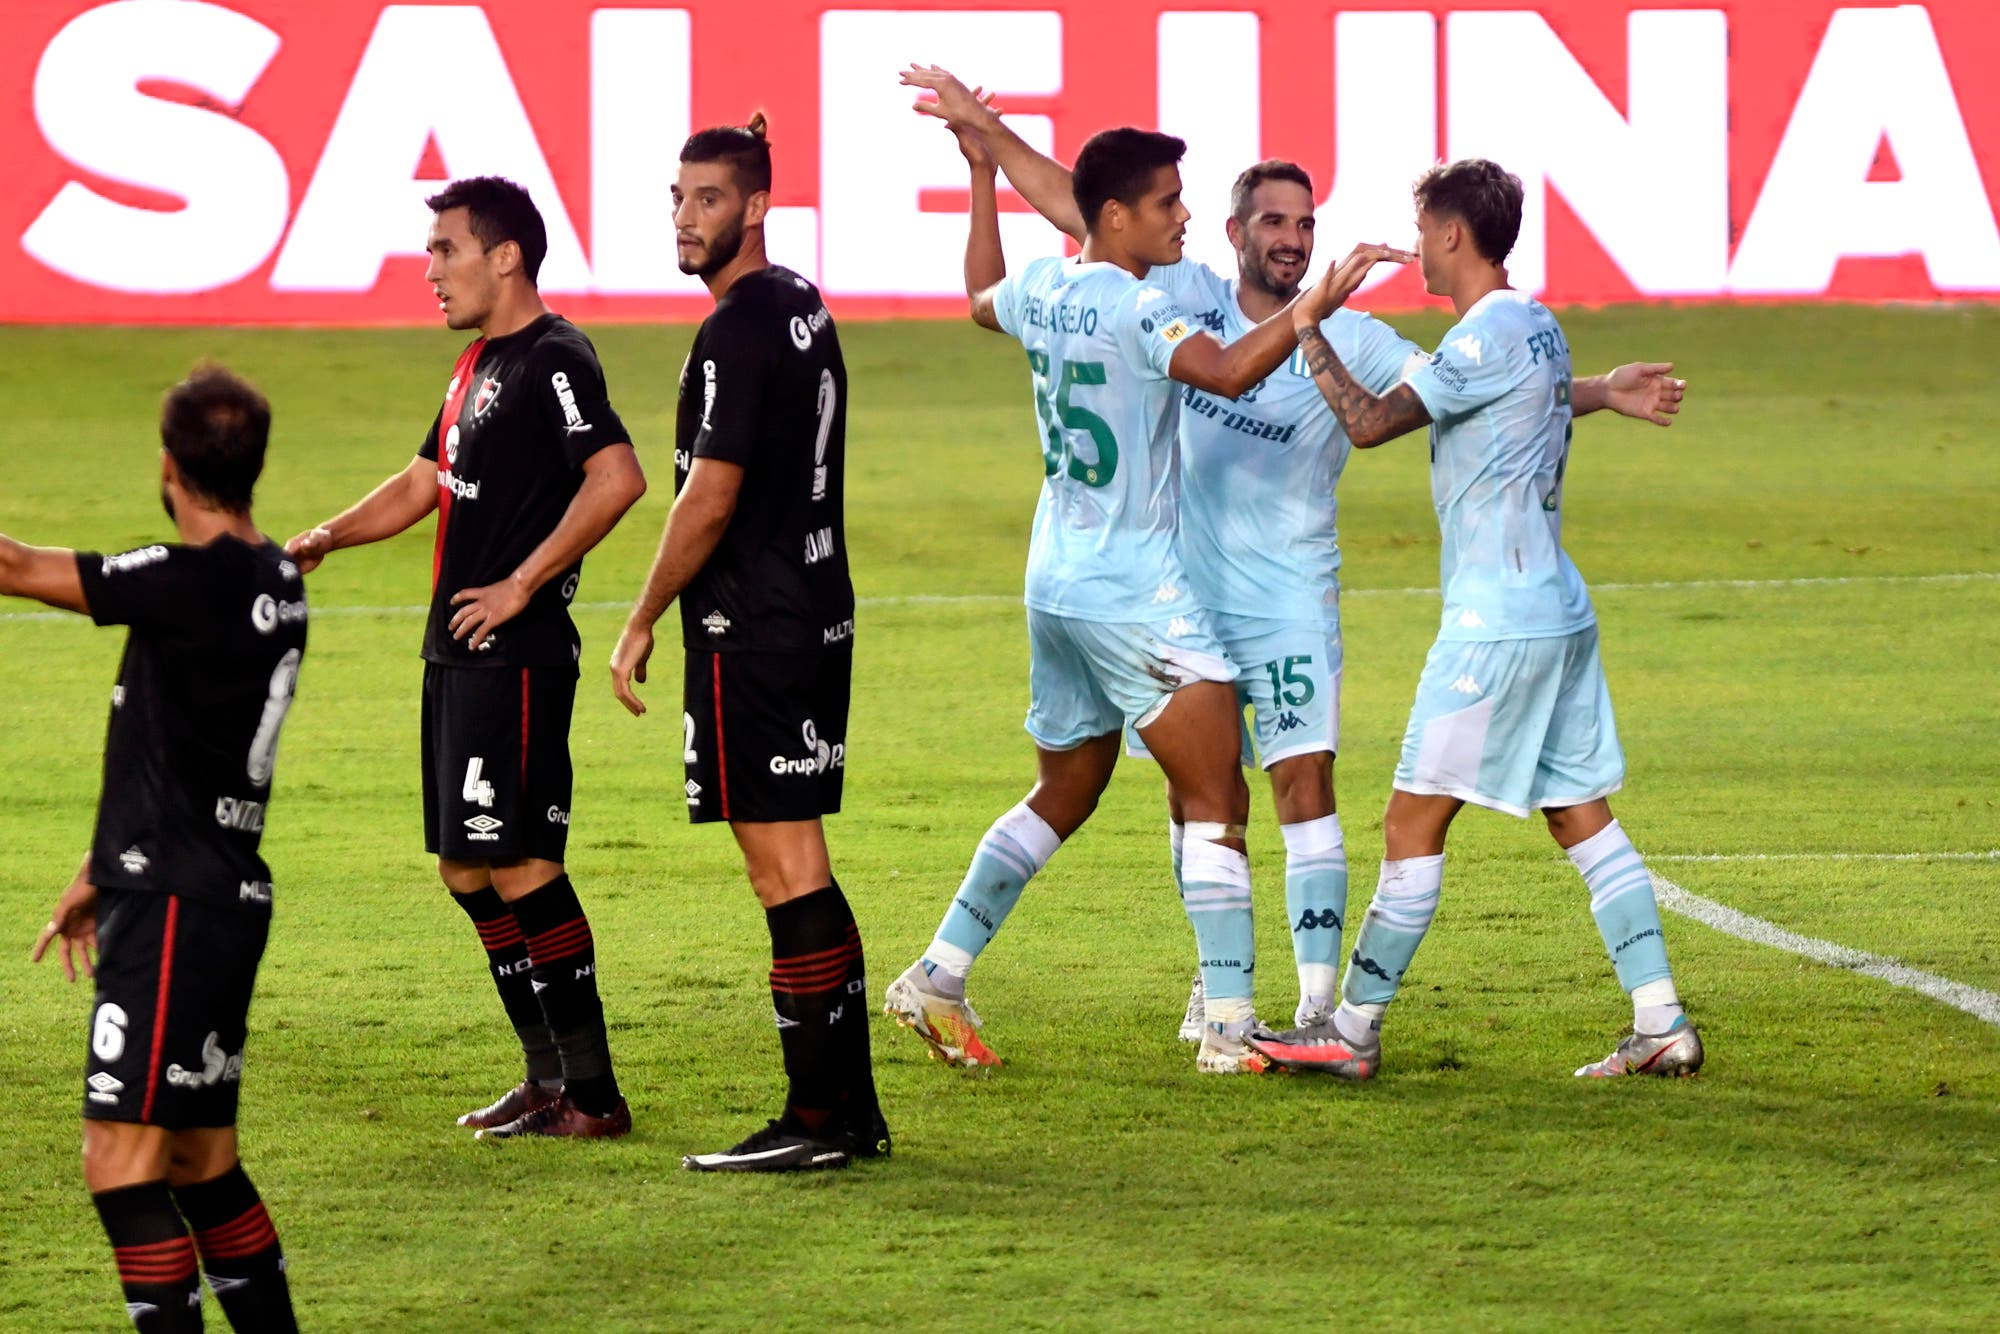 Racing - Newell's: entre el deseo de los rosarinos de ir a una final de la Copa Diego Maradona y la despedida de Beccacece